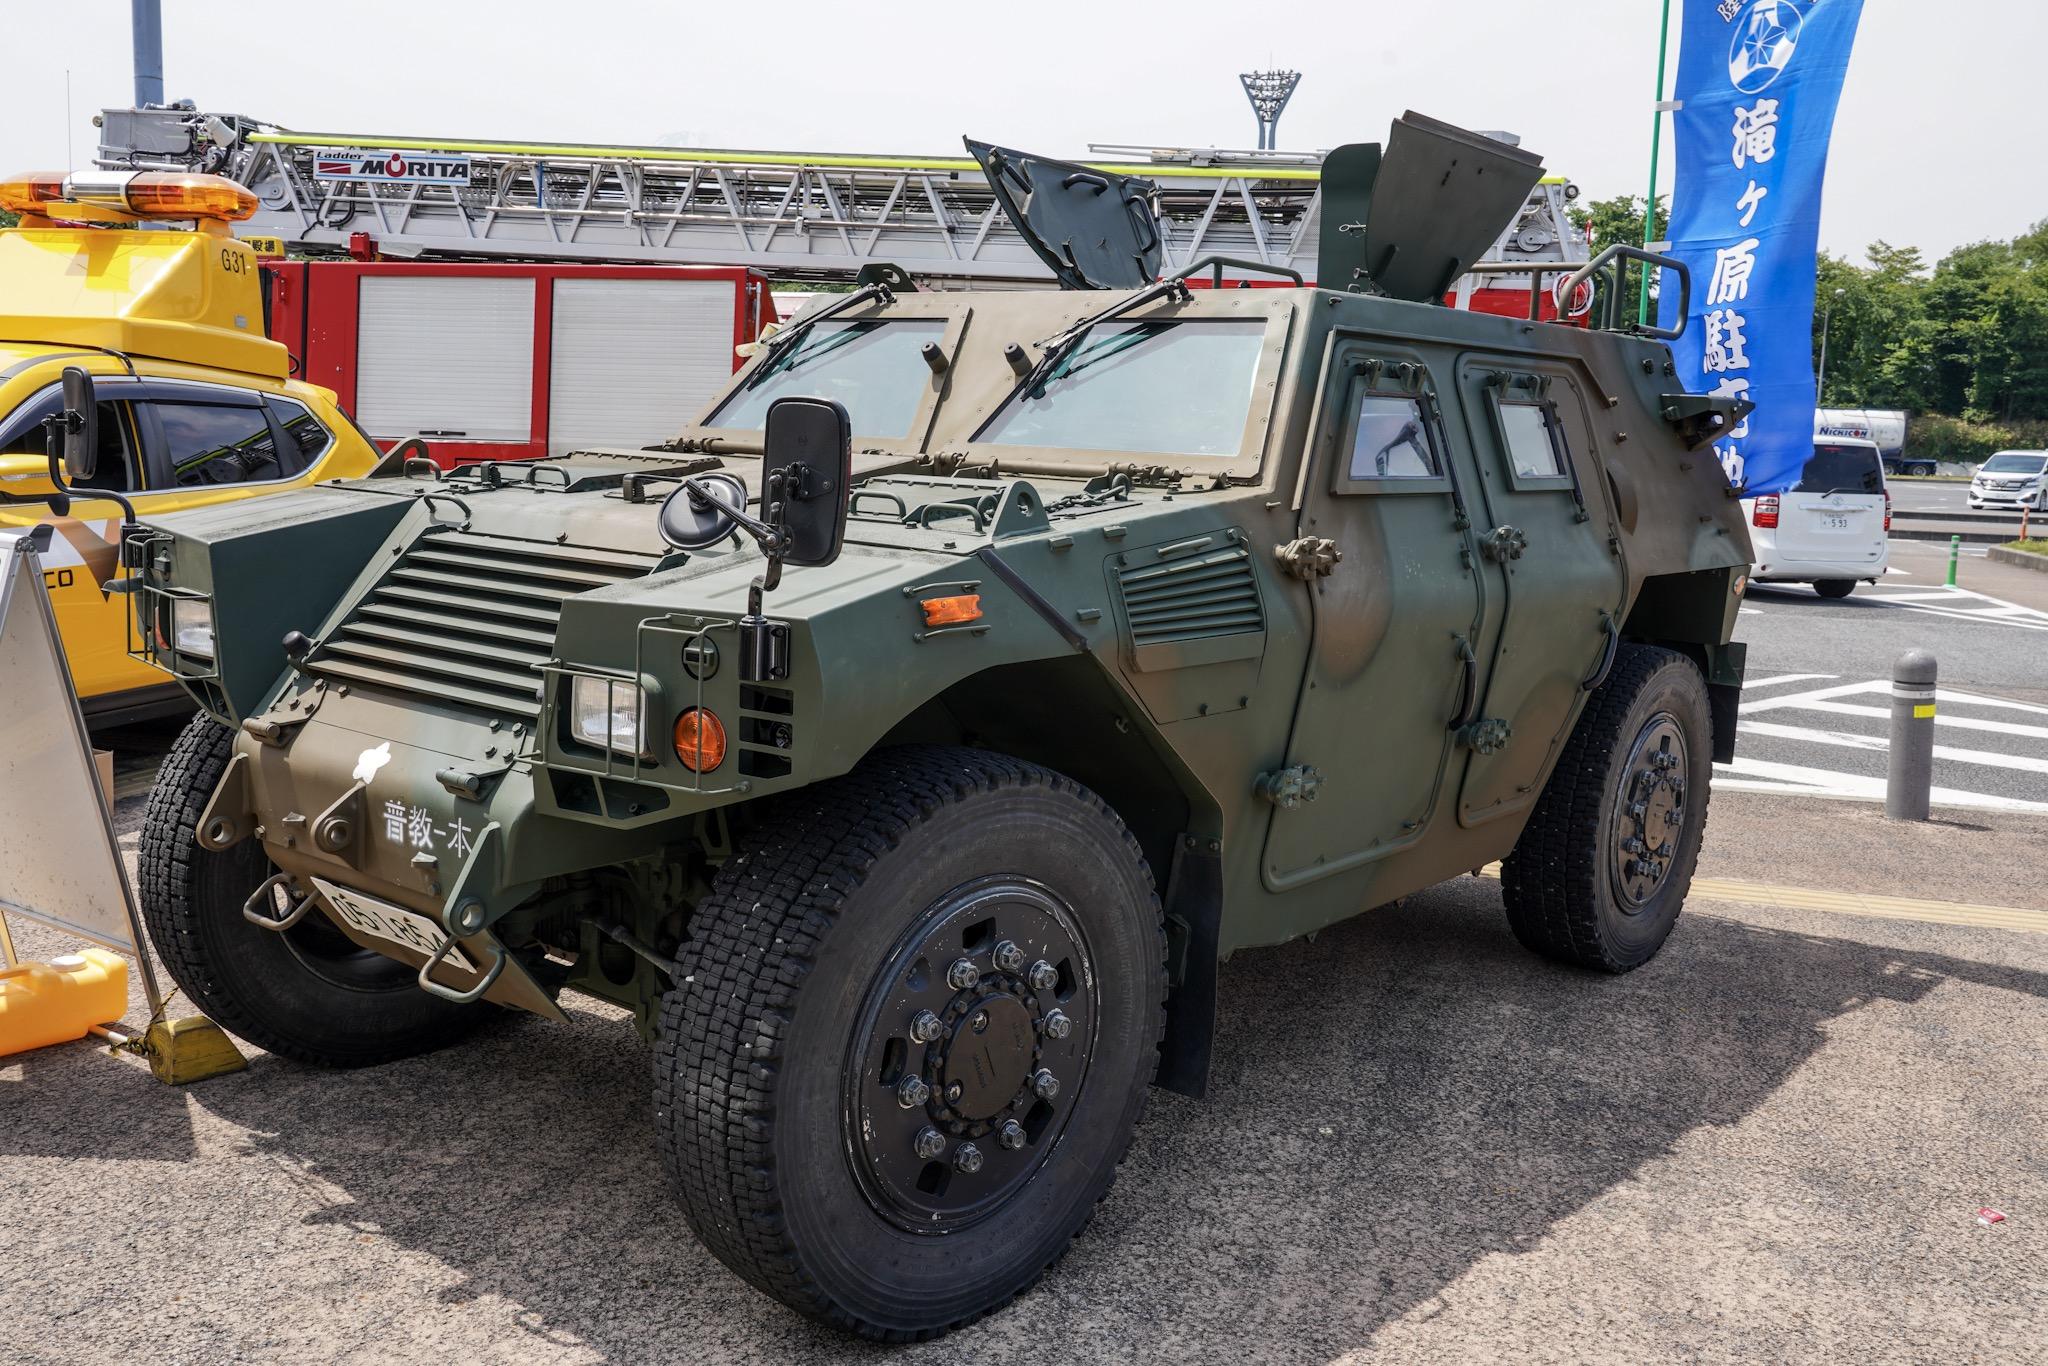 自衛隊の車 軽装甲機動車(LAV:ライトアーマー)